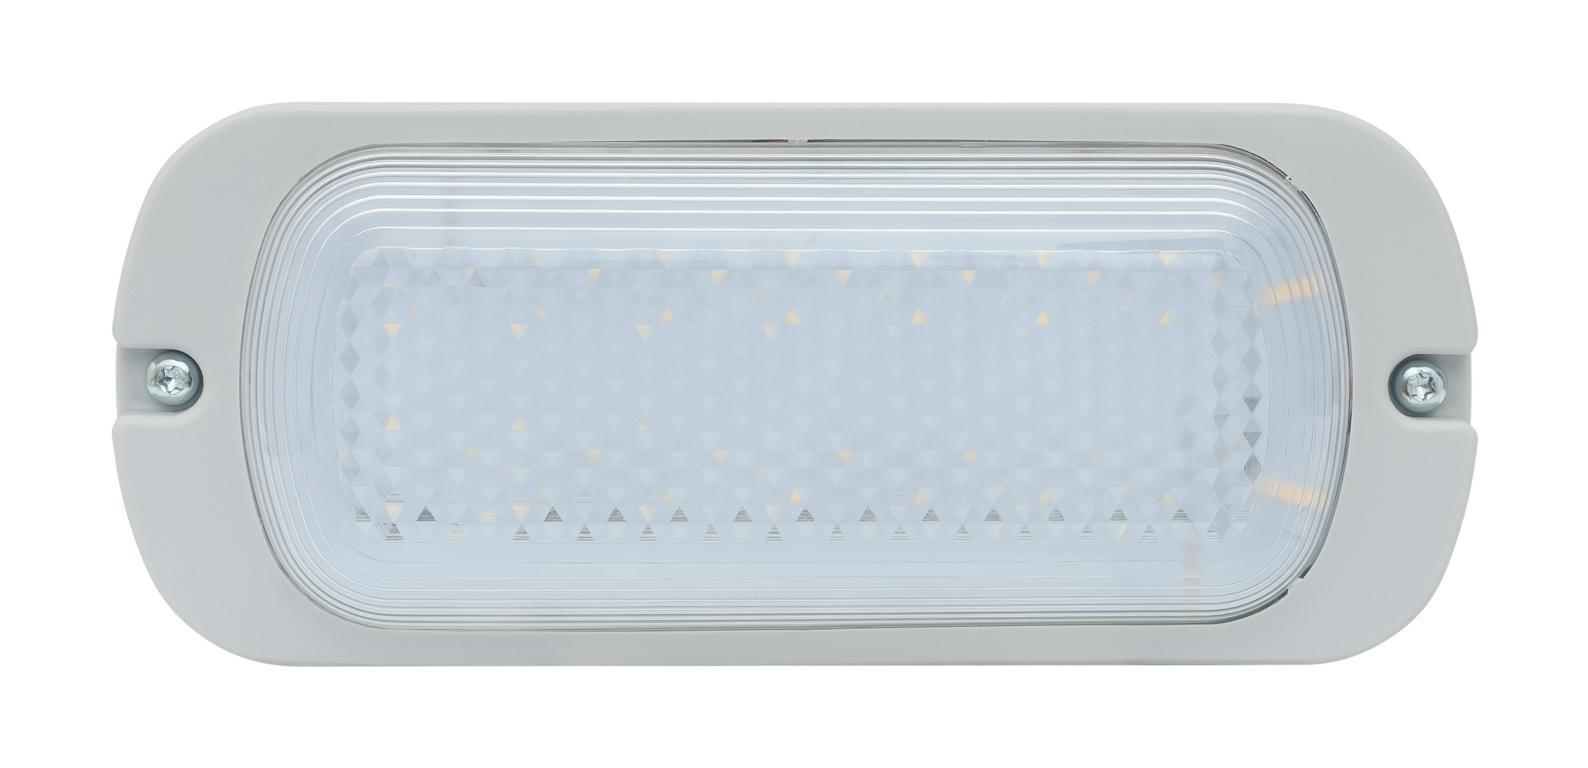 Светодиодный светильник для ЖКХ LedNik ЖКХ 07/18 ЭКОНОМ 9 Д   с датчиком